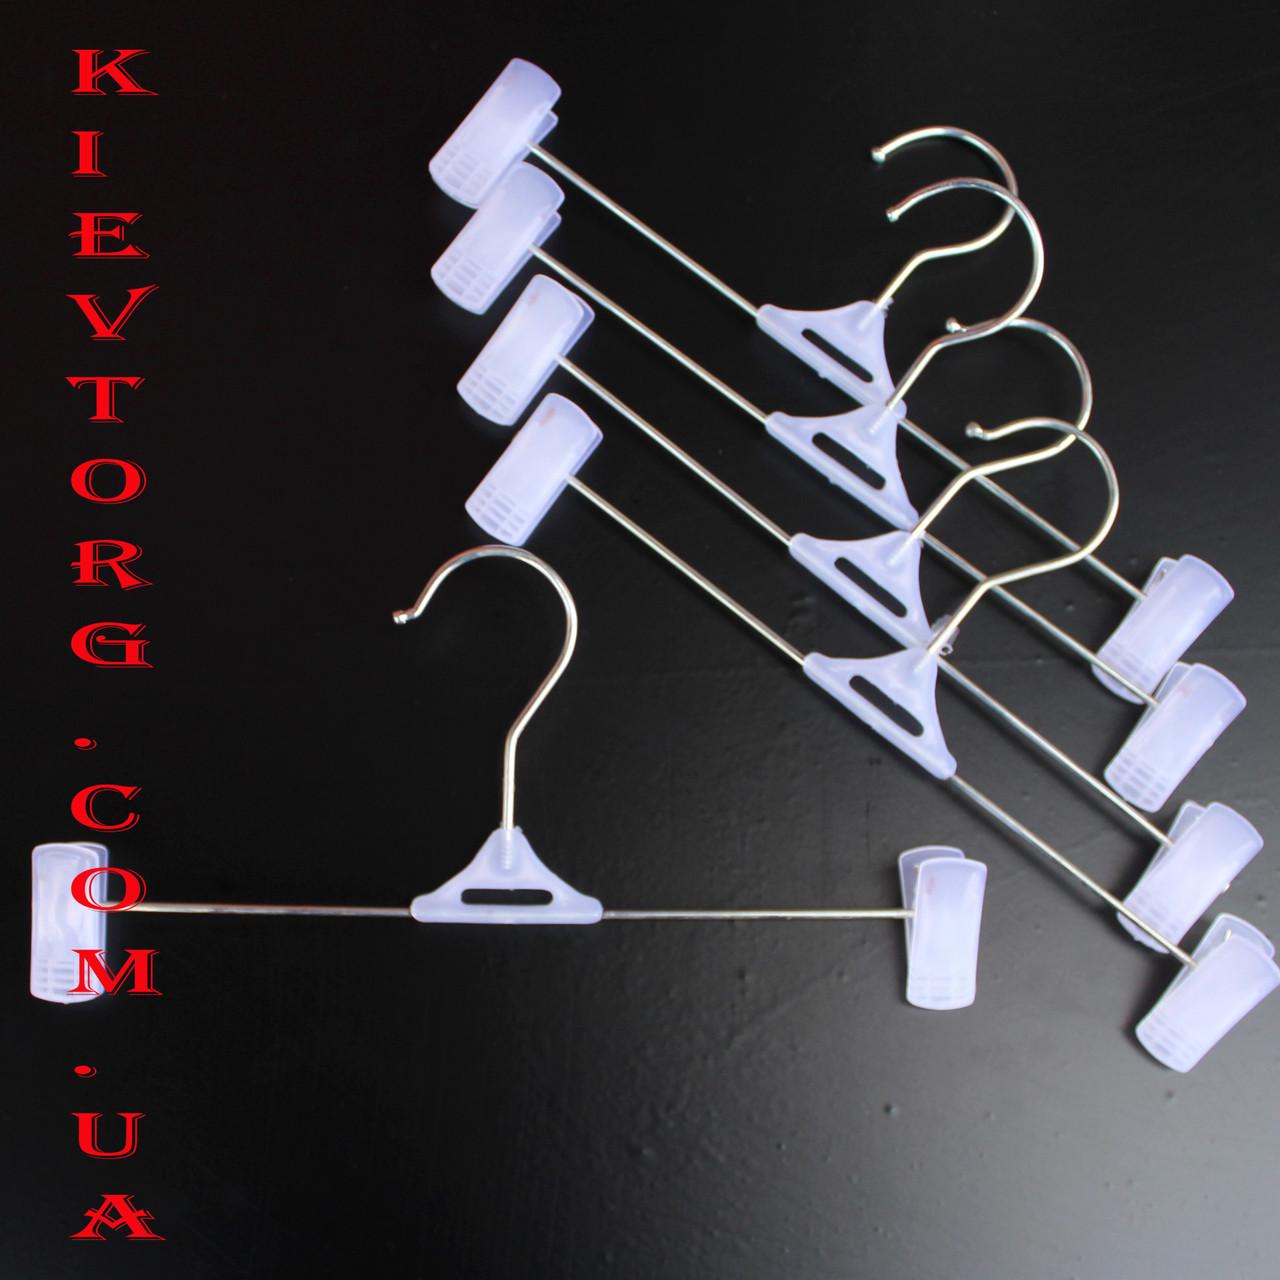 Вешалки плечики тремпеля пластиковые детские с прищепками для юбок и брюк брючные, 25 см